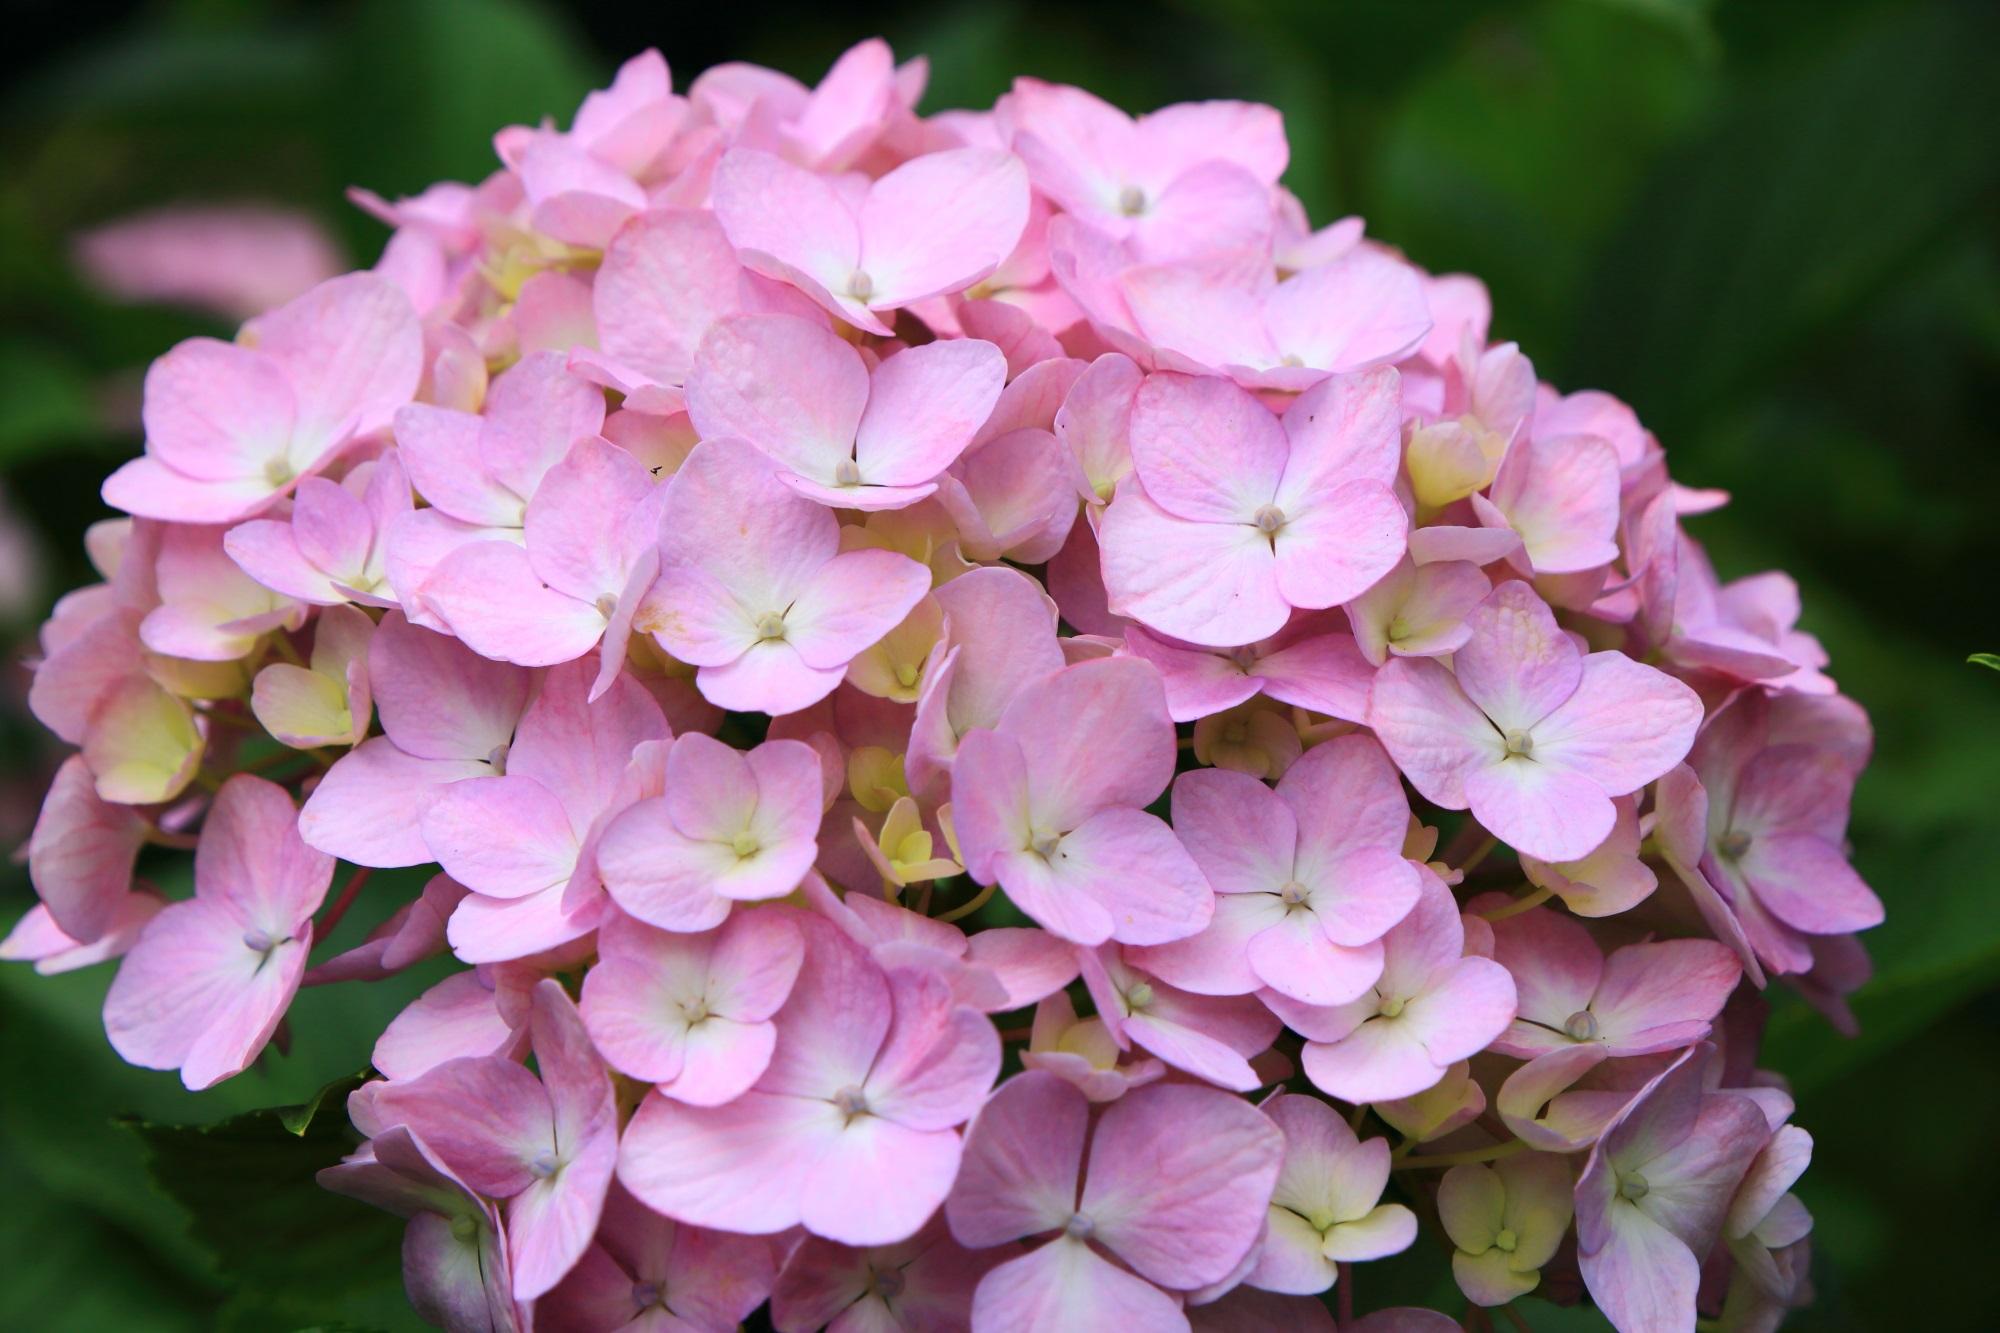 初夏の三室戸寺を華やぐ可愛いピンクの紫陽花